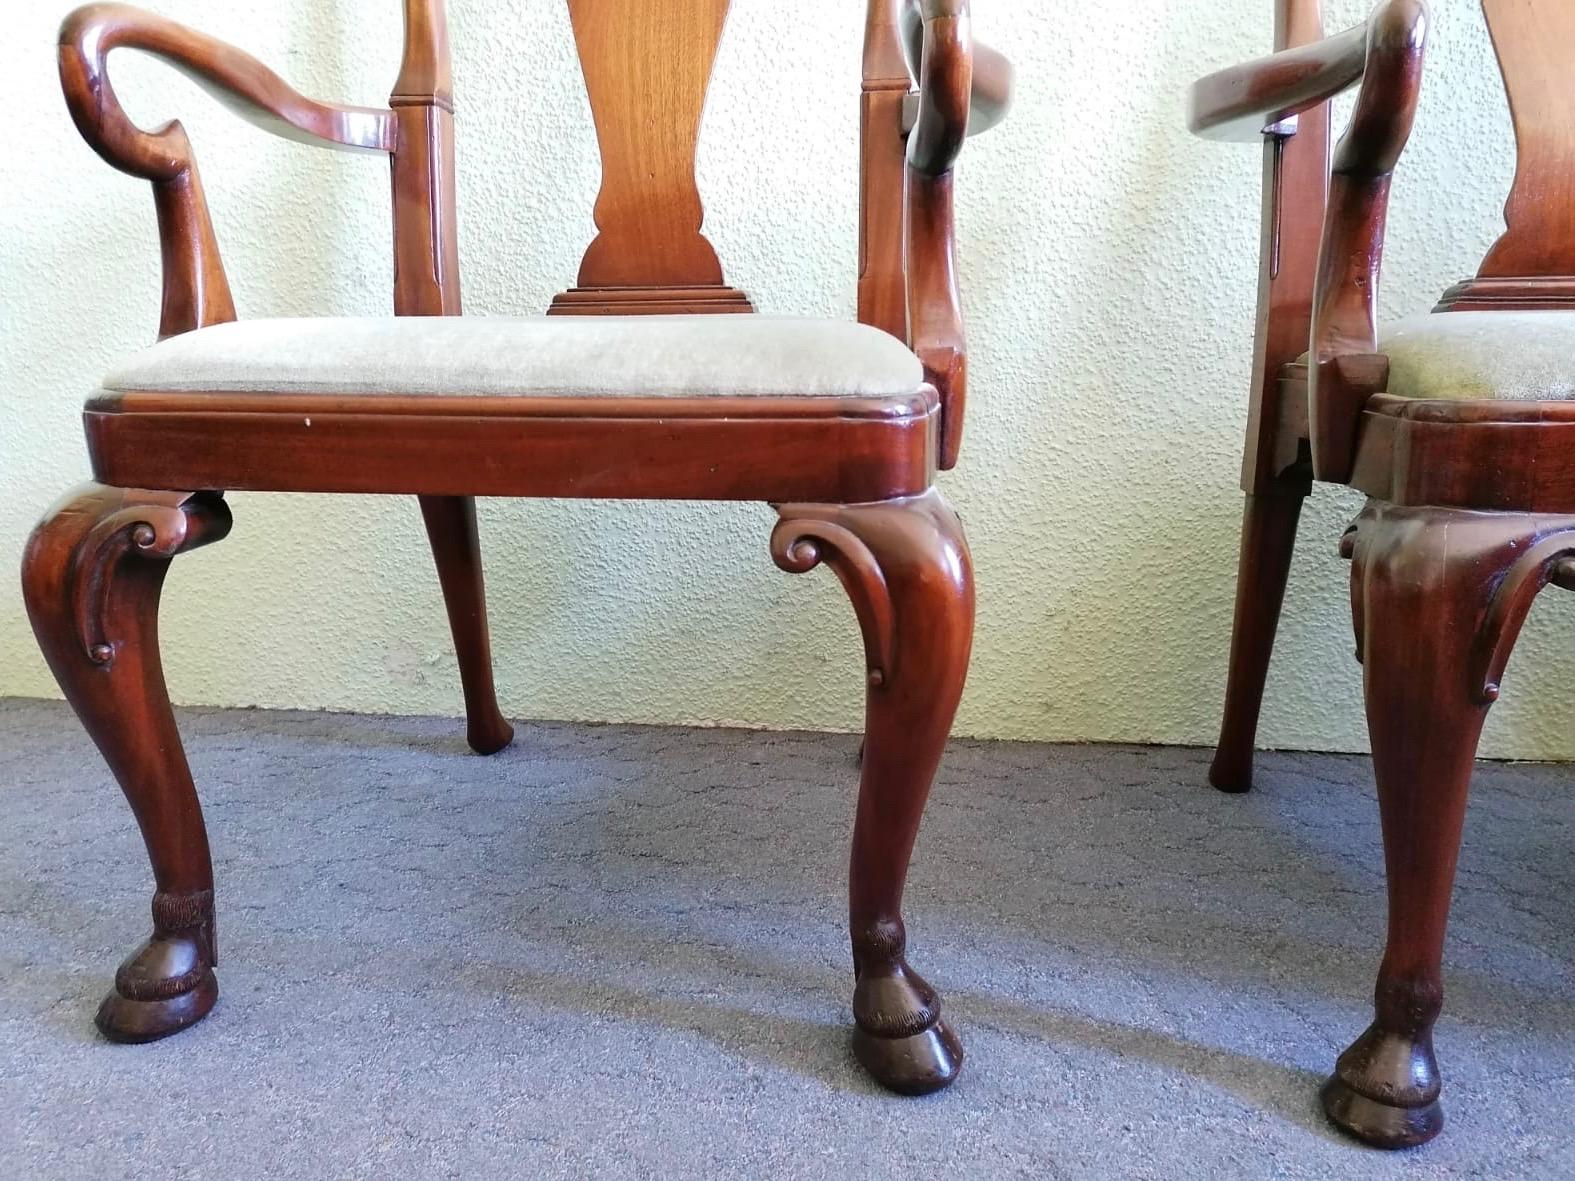 Armlehnstühle im Barock-Stil